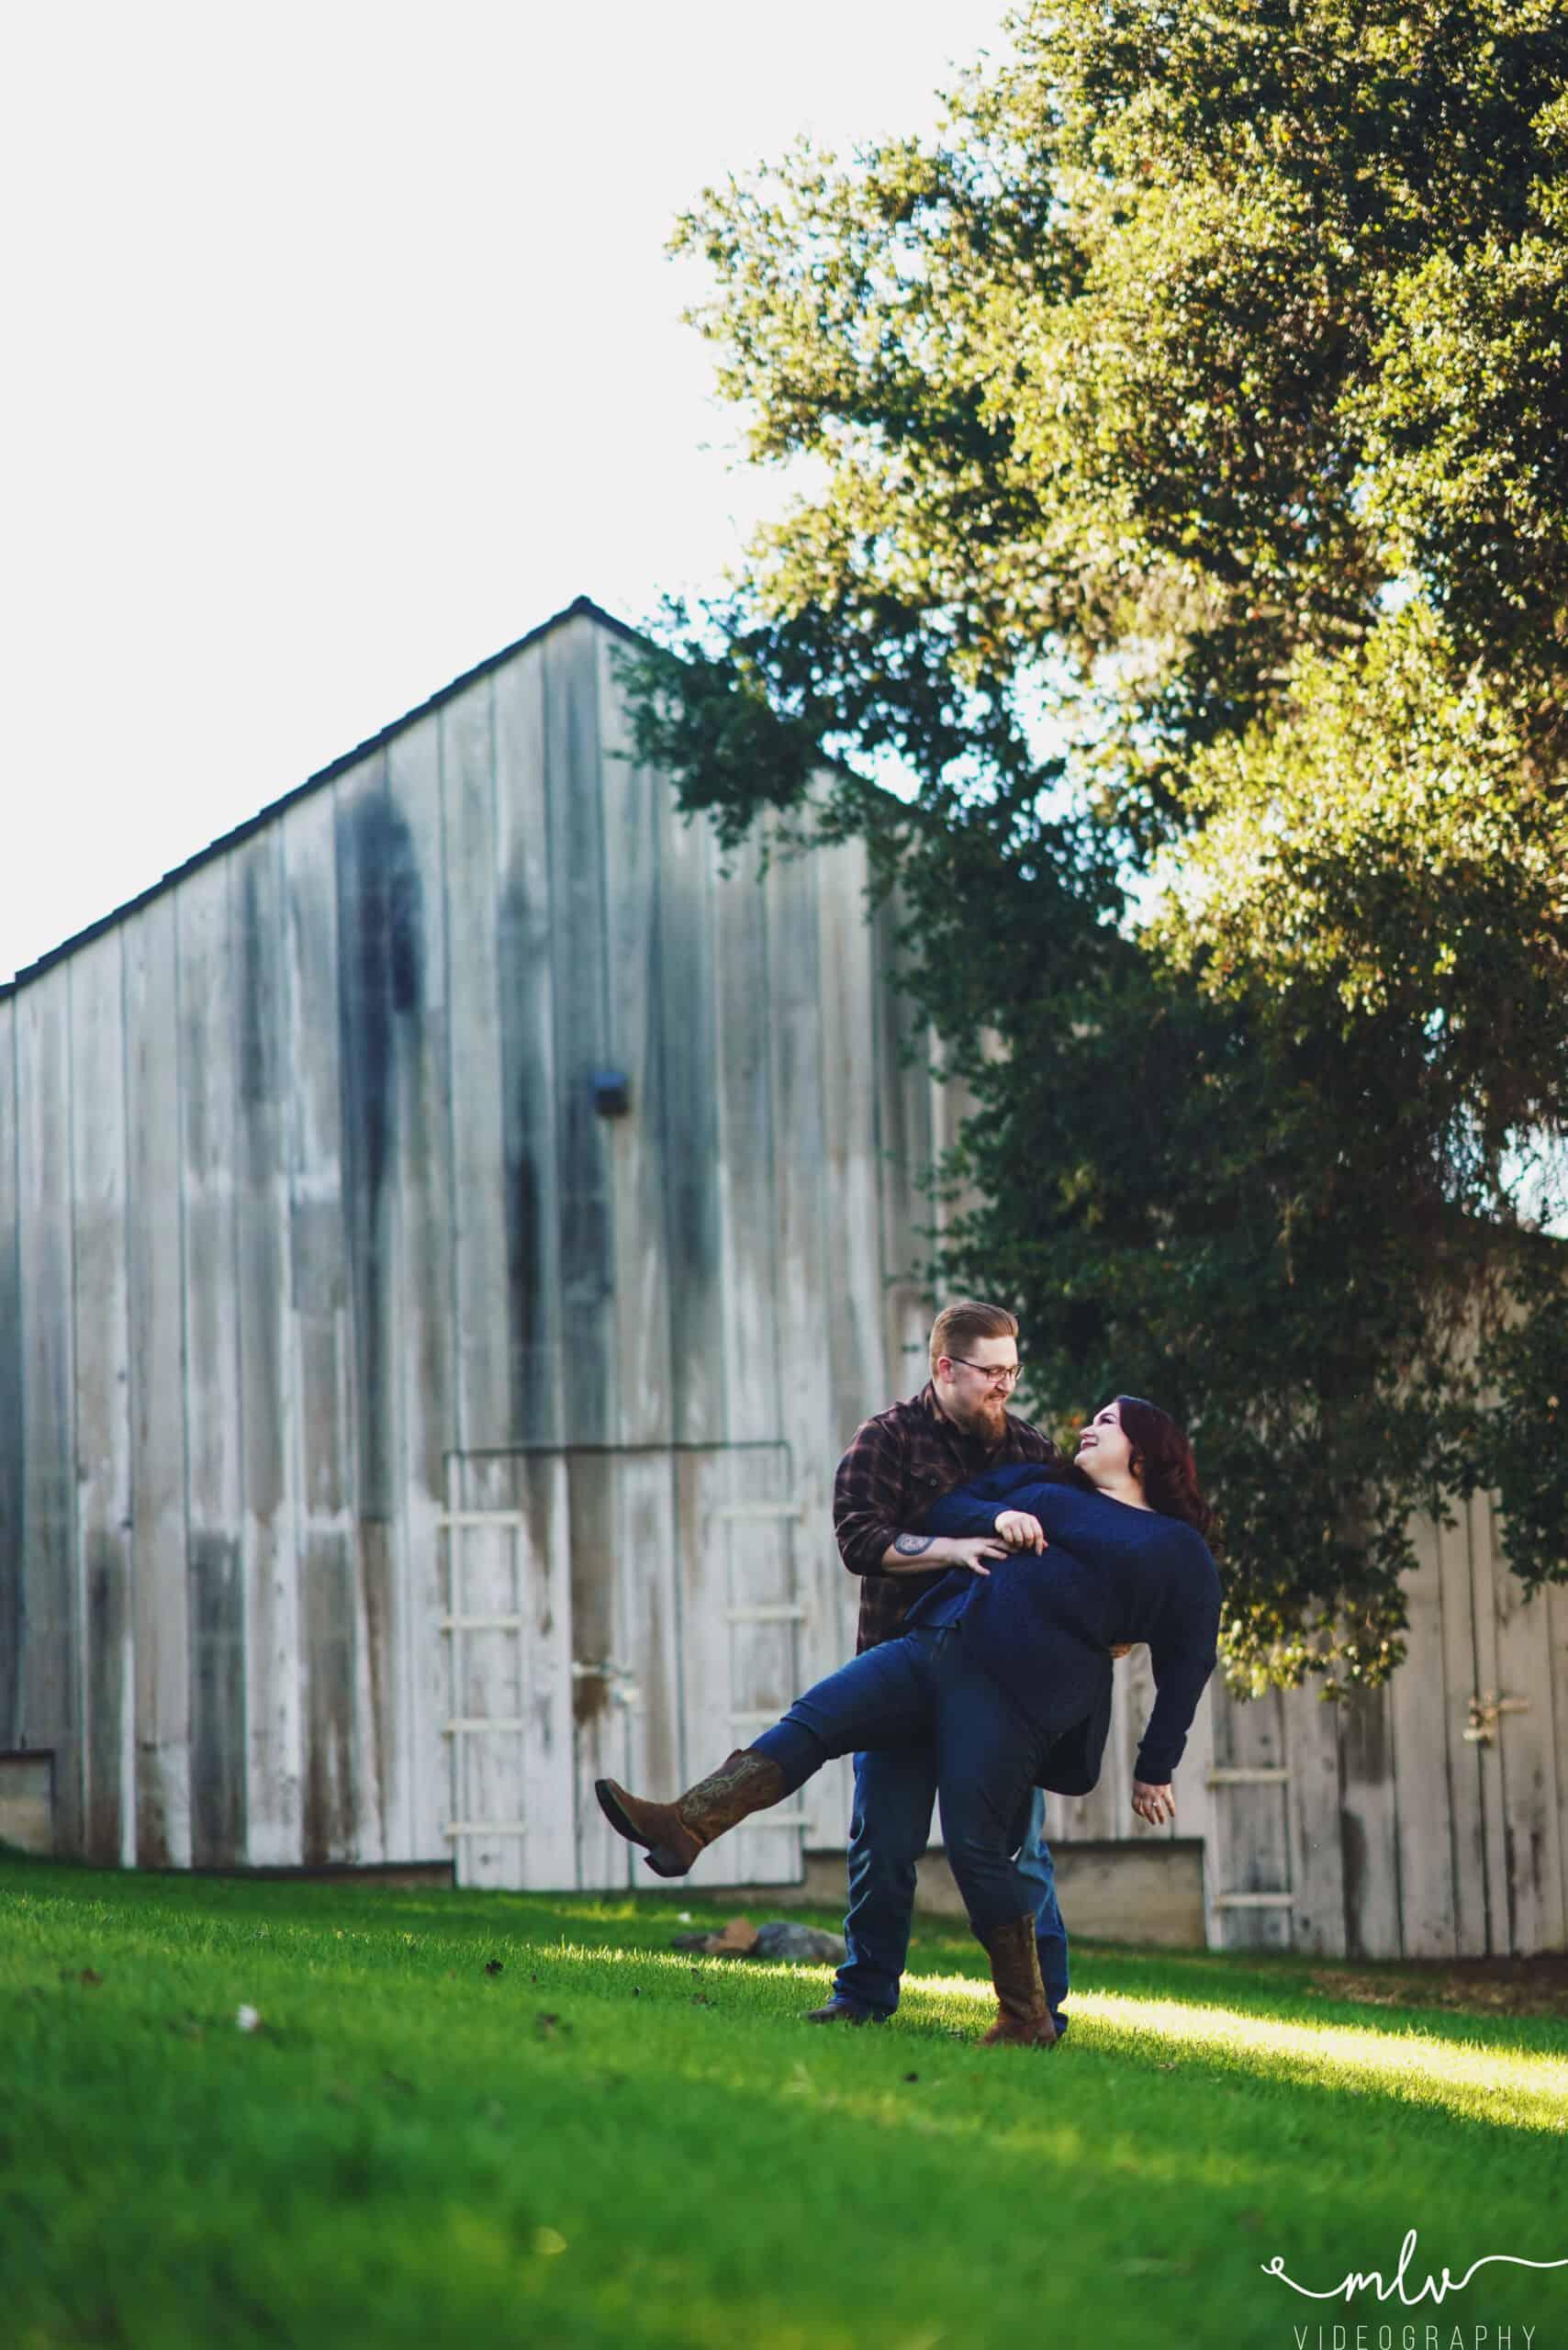 Bernal Historic Ranch Park Engagement Photography San Jose California